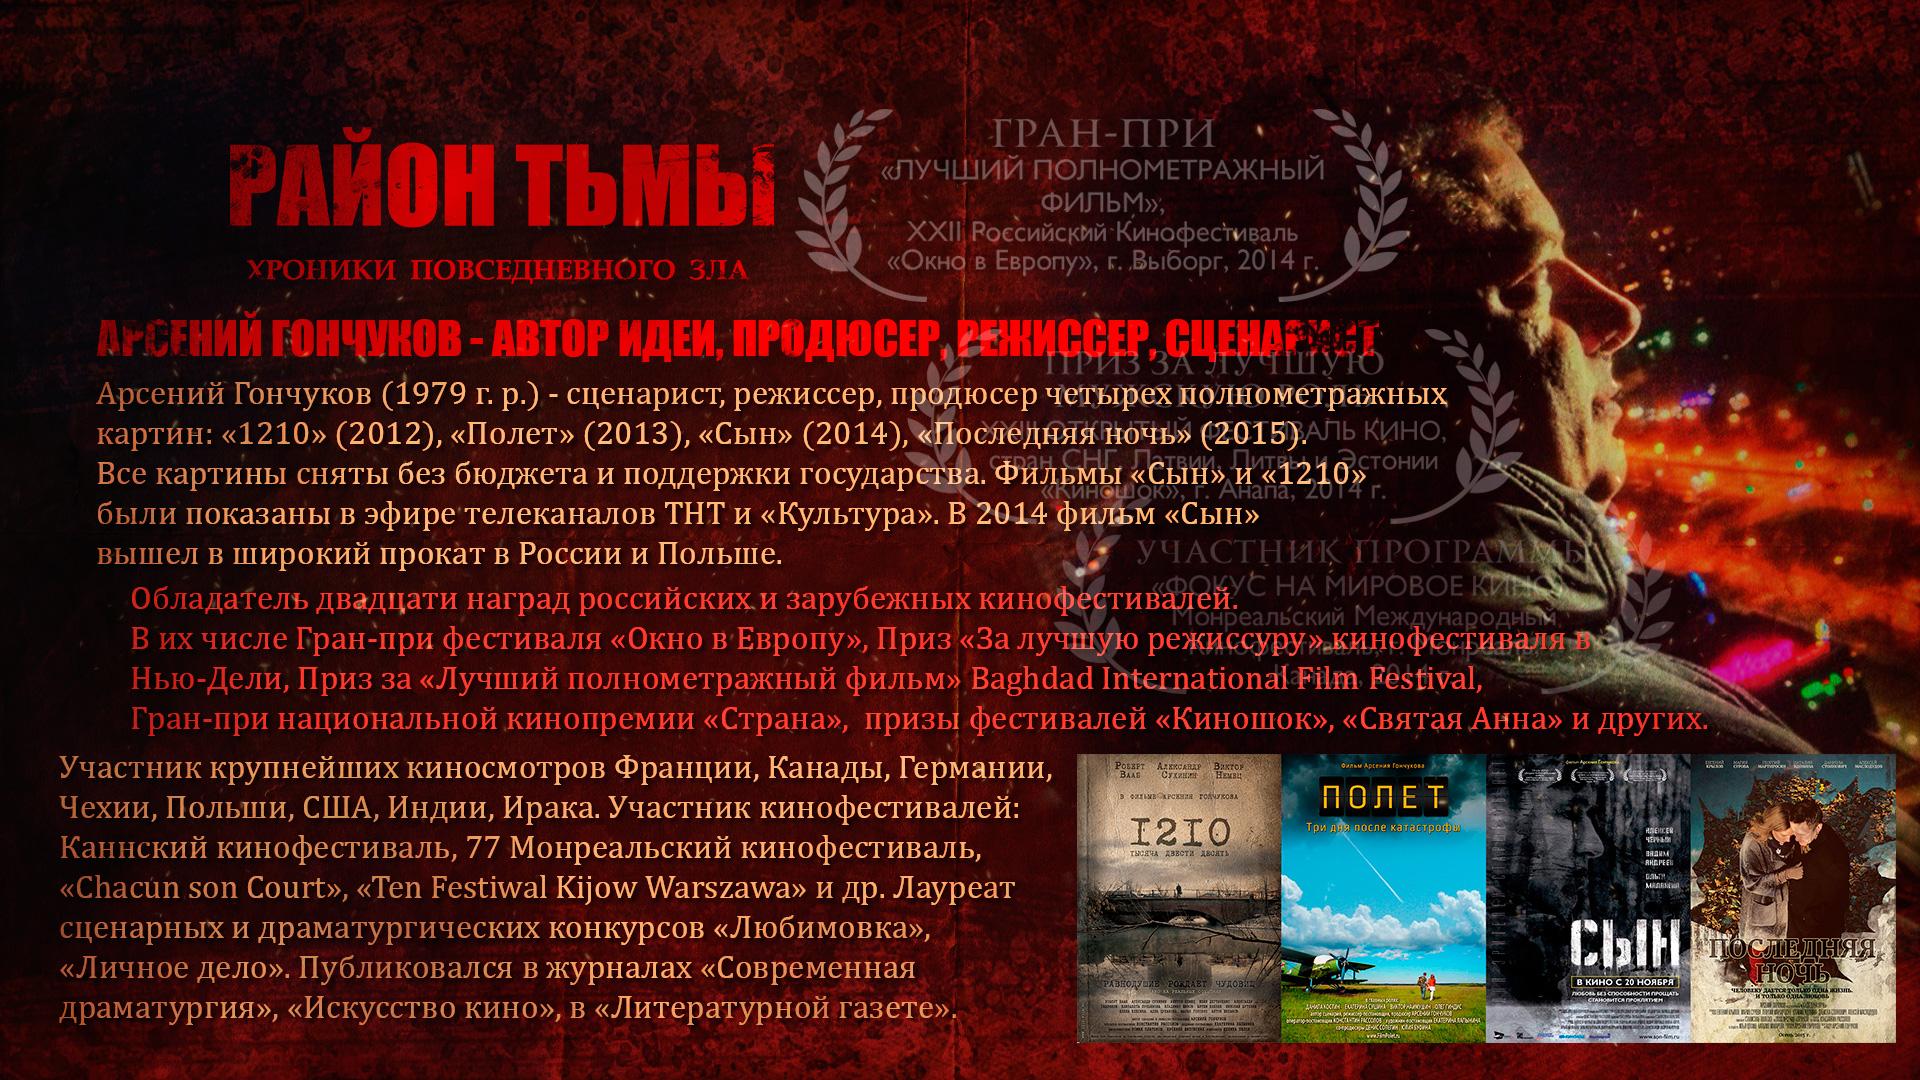 РАЙОН_ТЬМЫ_ПРЕЗЕНТАЦИЯ_5